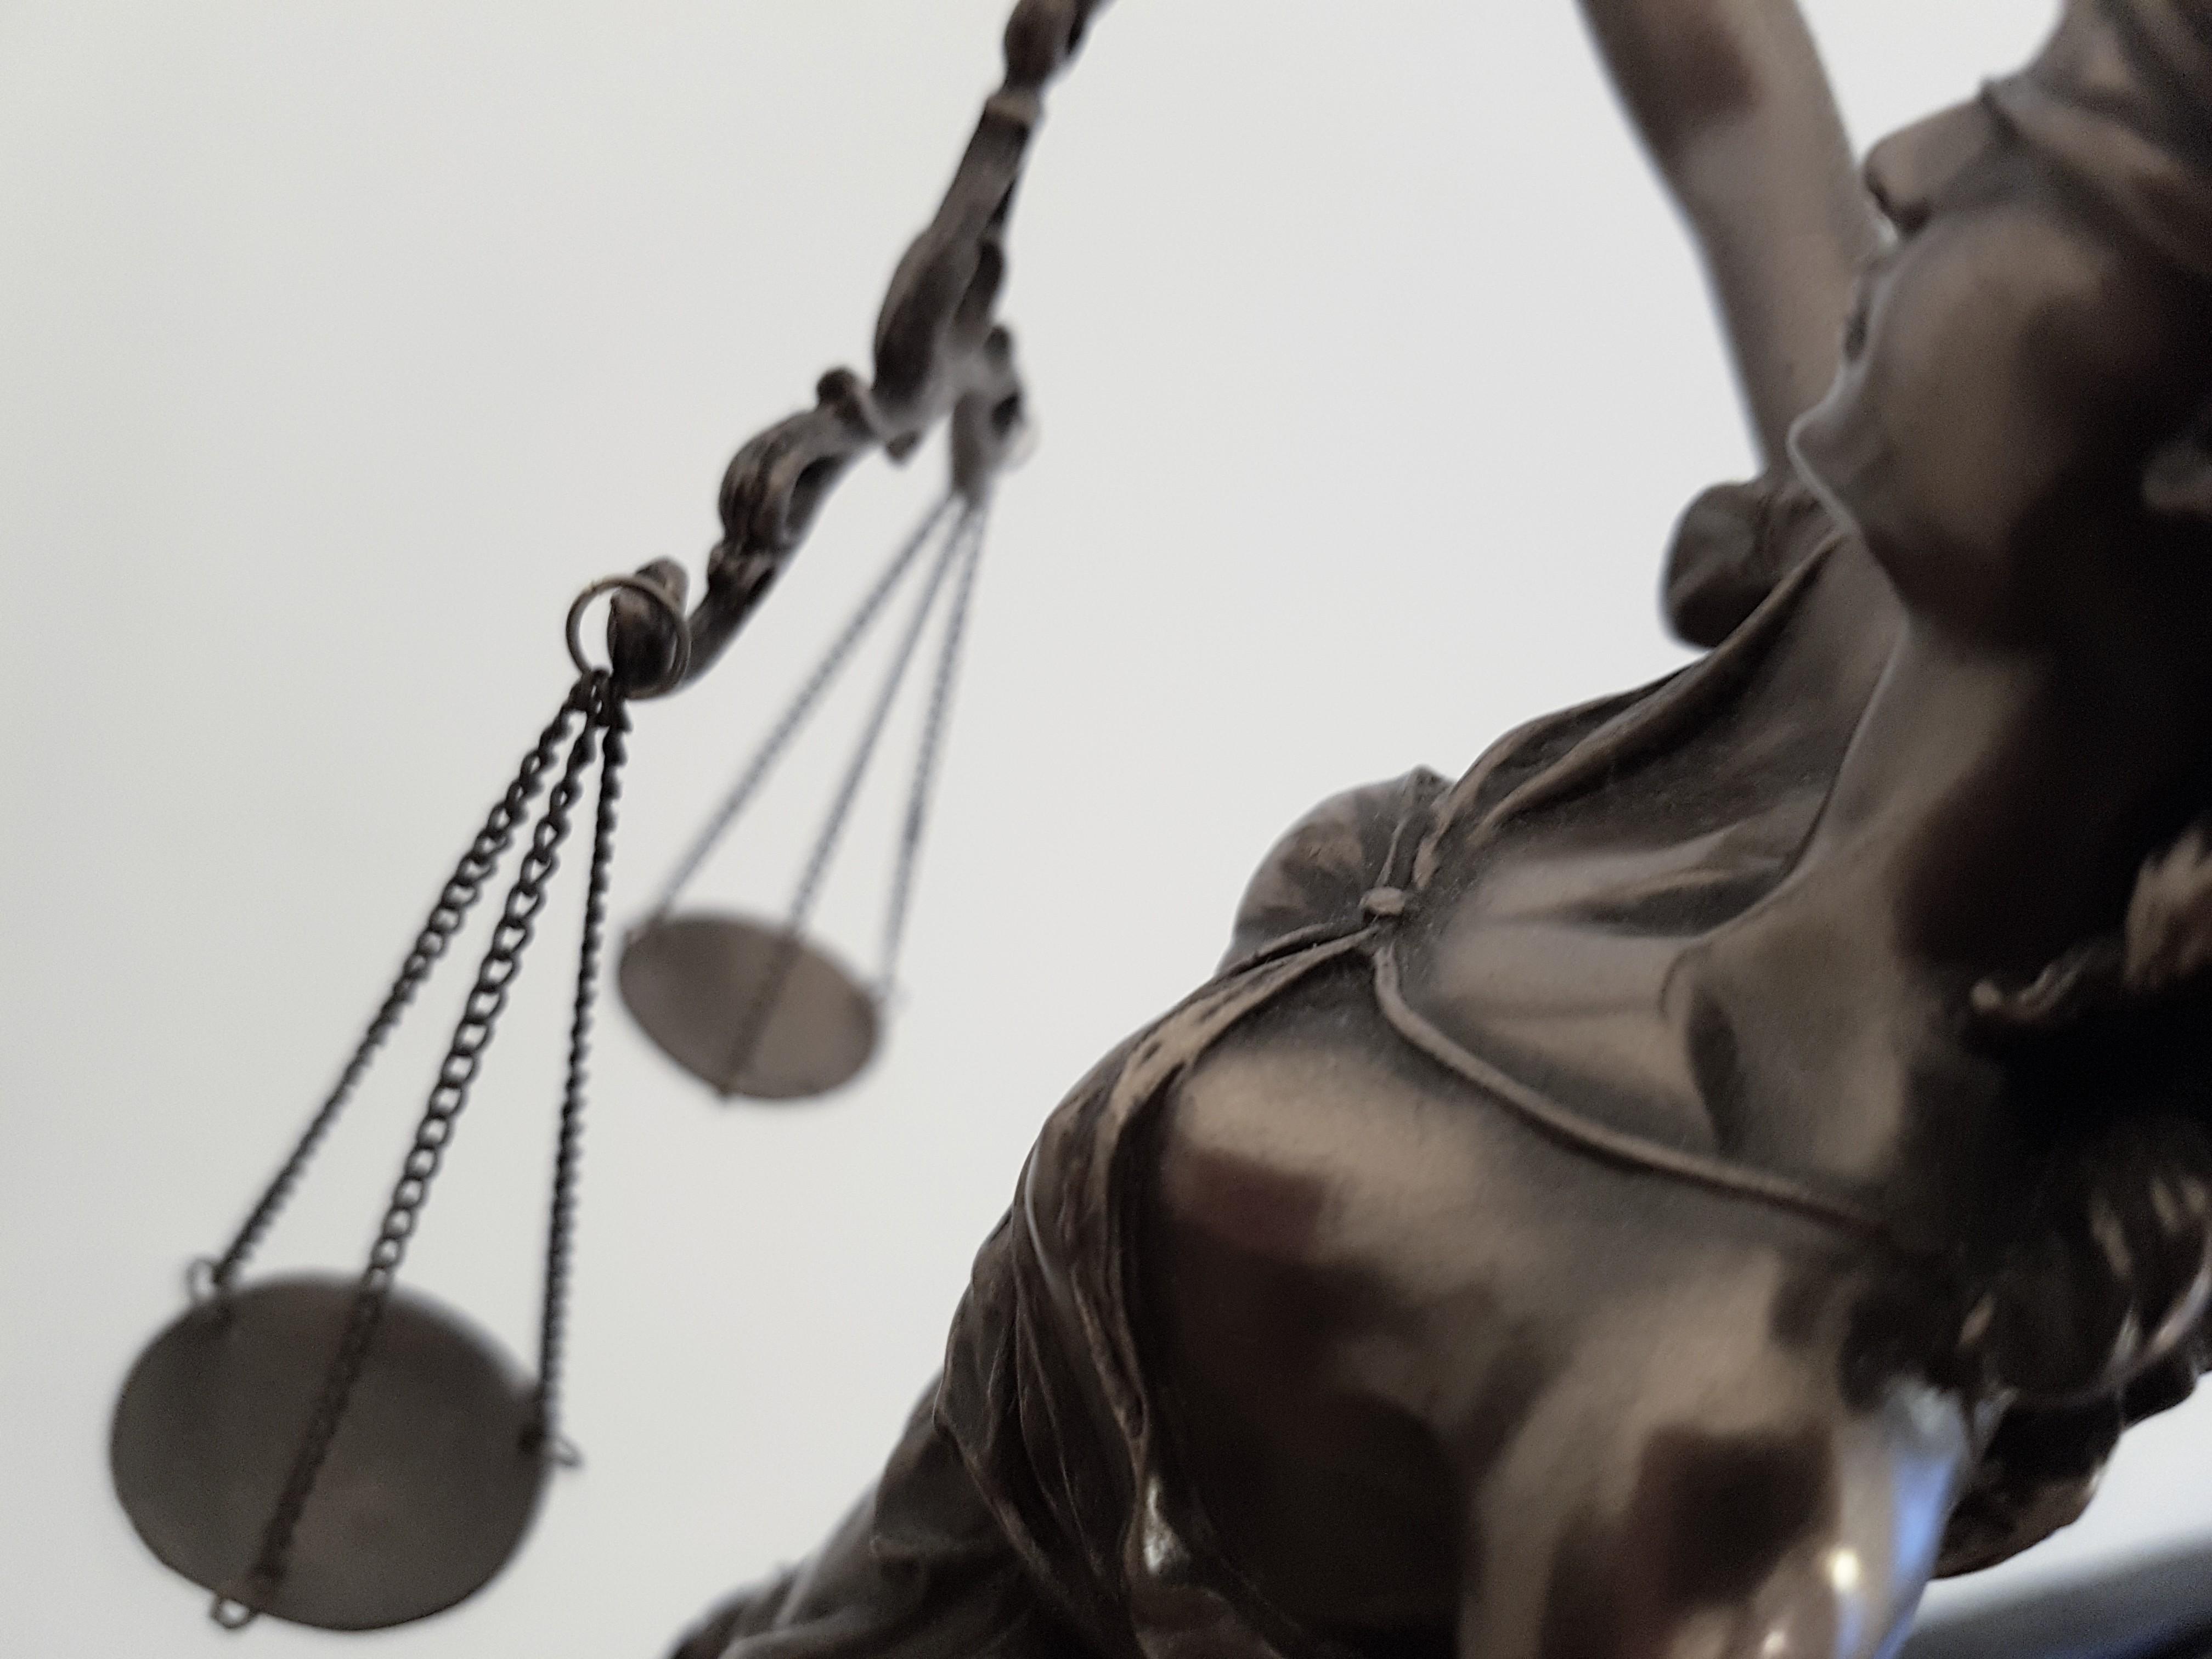 Das Foto zeigt Justitia, die Symbolfigur der Gerechtigkeit. Die Perspektive ist voll schräg oben gewählt, sodass man das Gesicht, den Brustbereich und die Waage erkennen kann.